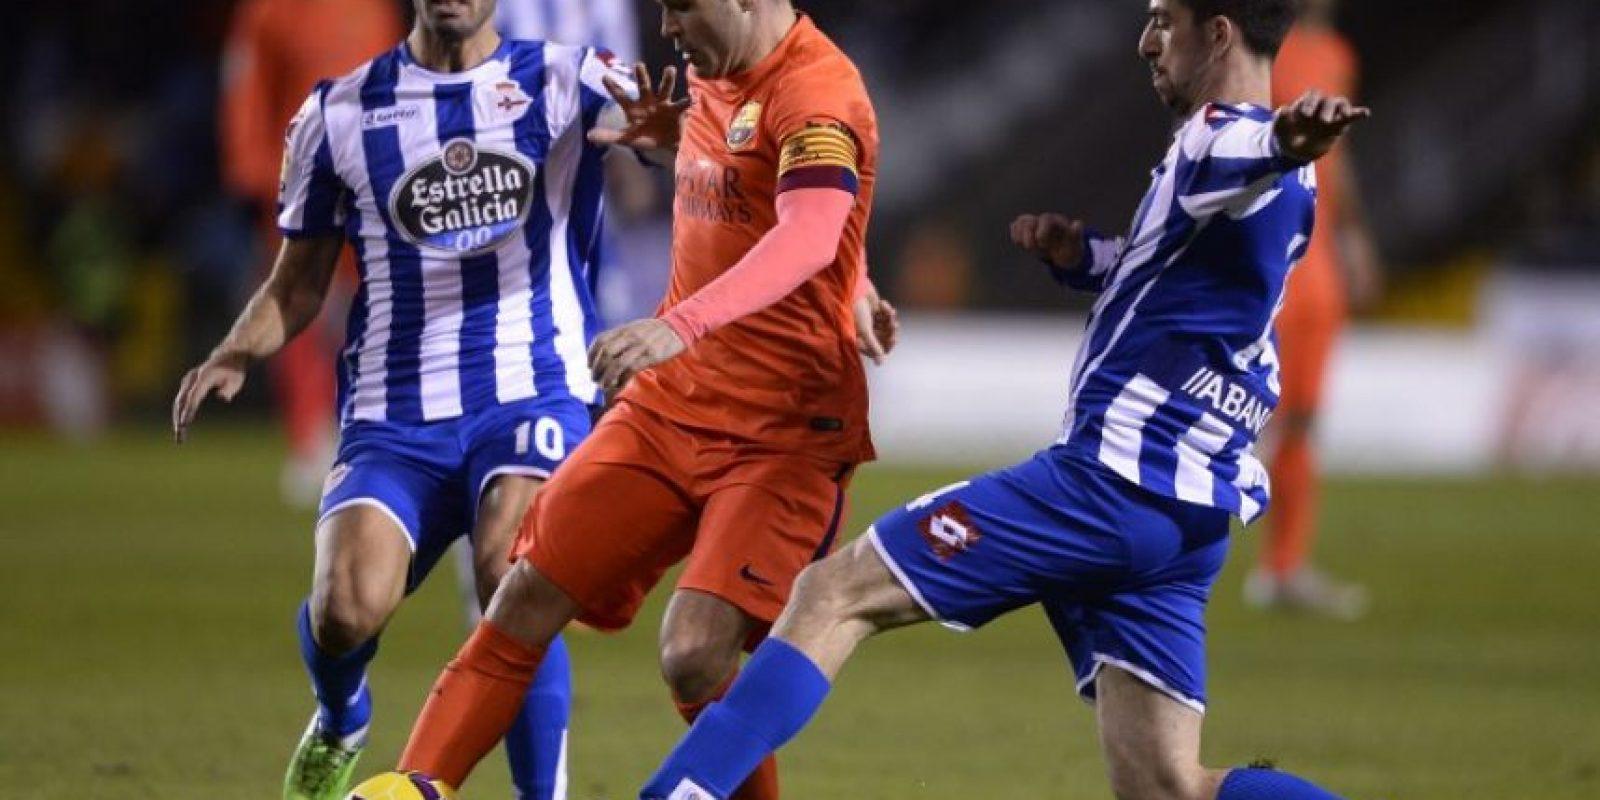 El manchego compró 7,000 acciones del Albacete Balompié por 420,000 euros en 2013 pasado para tratar de incrementar los fondos del equipo del que formó parte de los ocho a los 12 años de edad. Foto:Getty